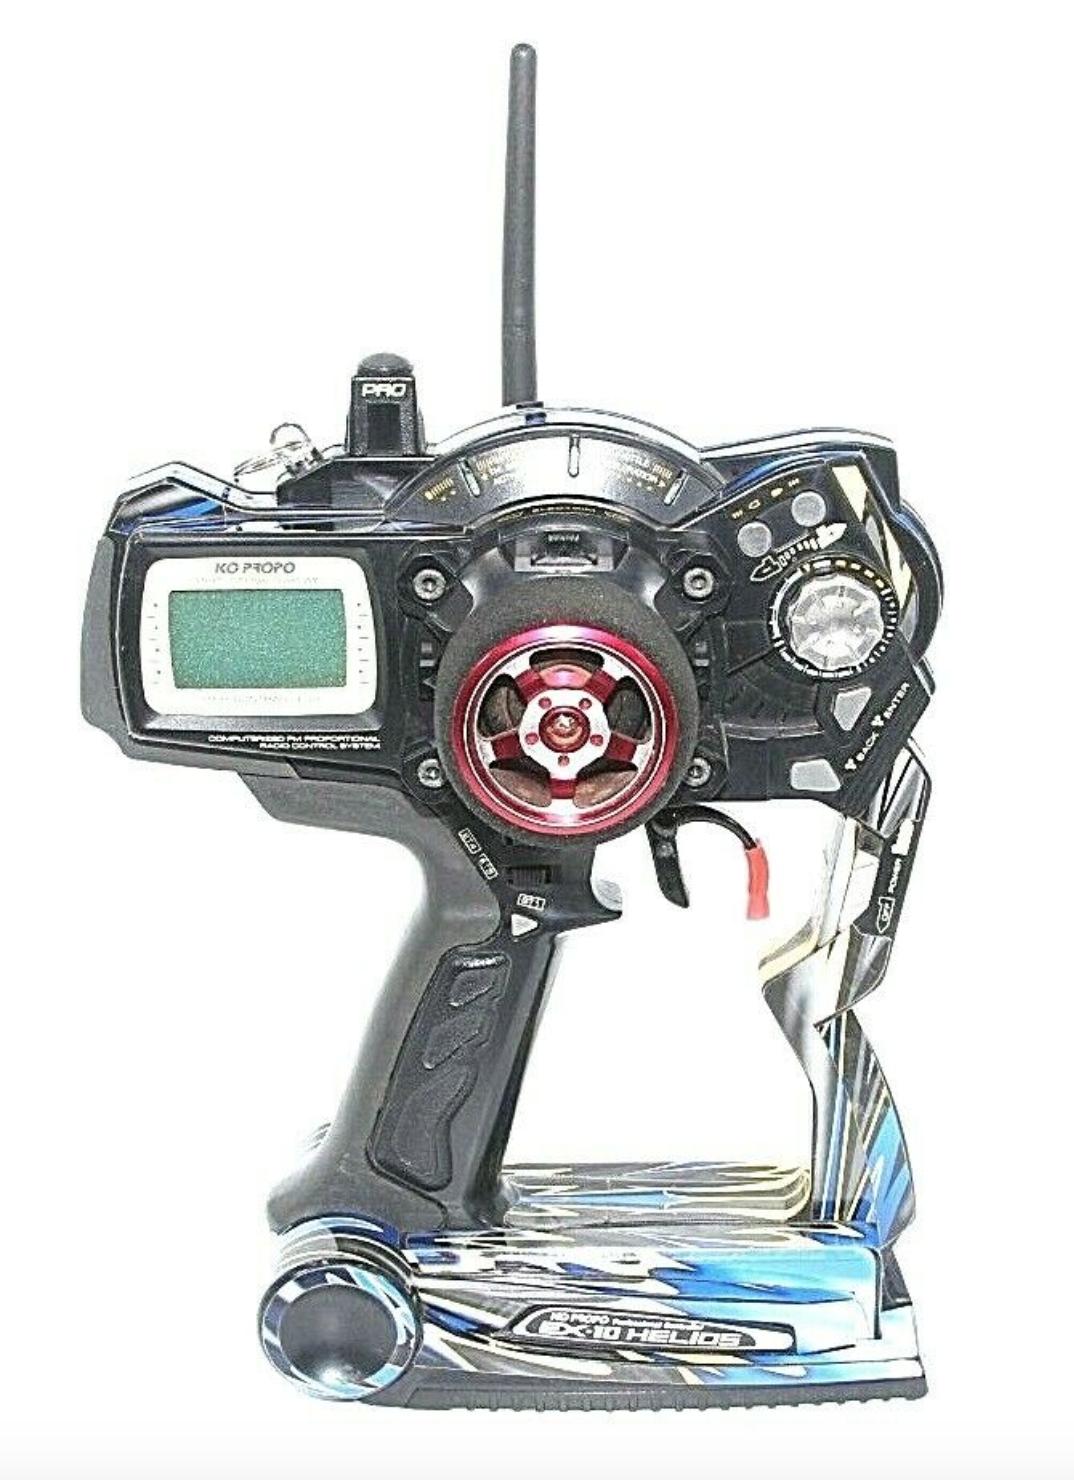 Prezzo al piano Ko Propo EX-10 Helios Hg As Set Mini-Z Racer Transmitter Transmitter Transmitter Set  ottima selezione e consegna rapida